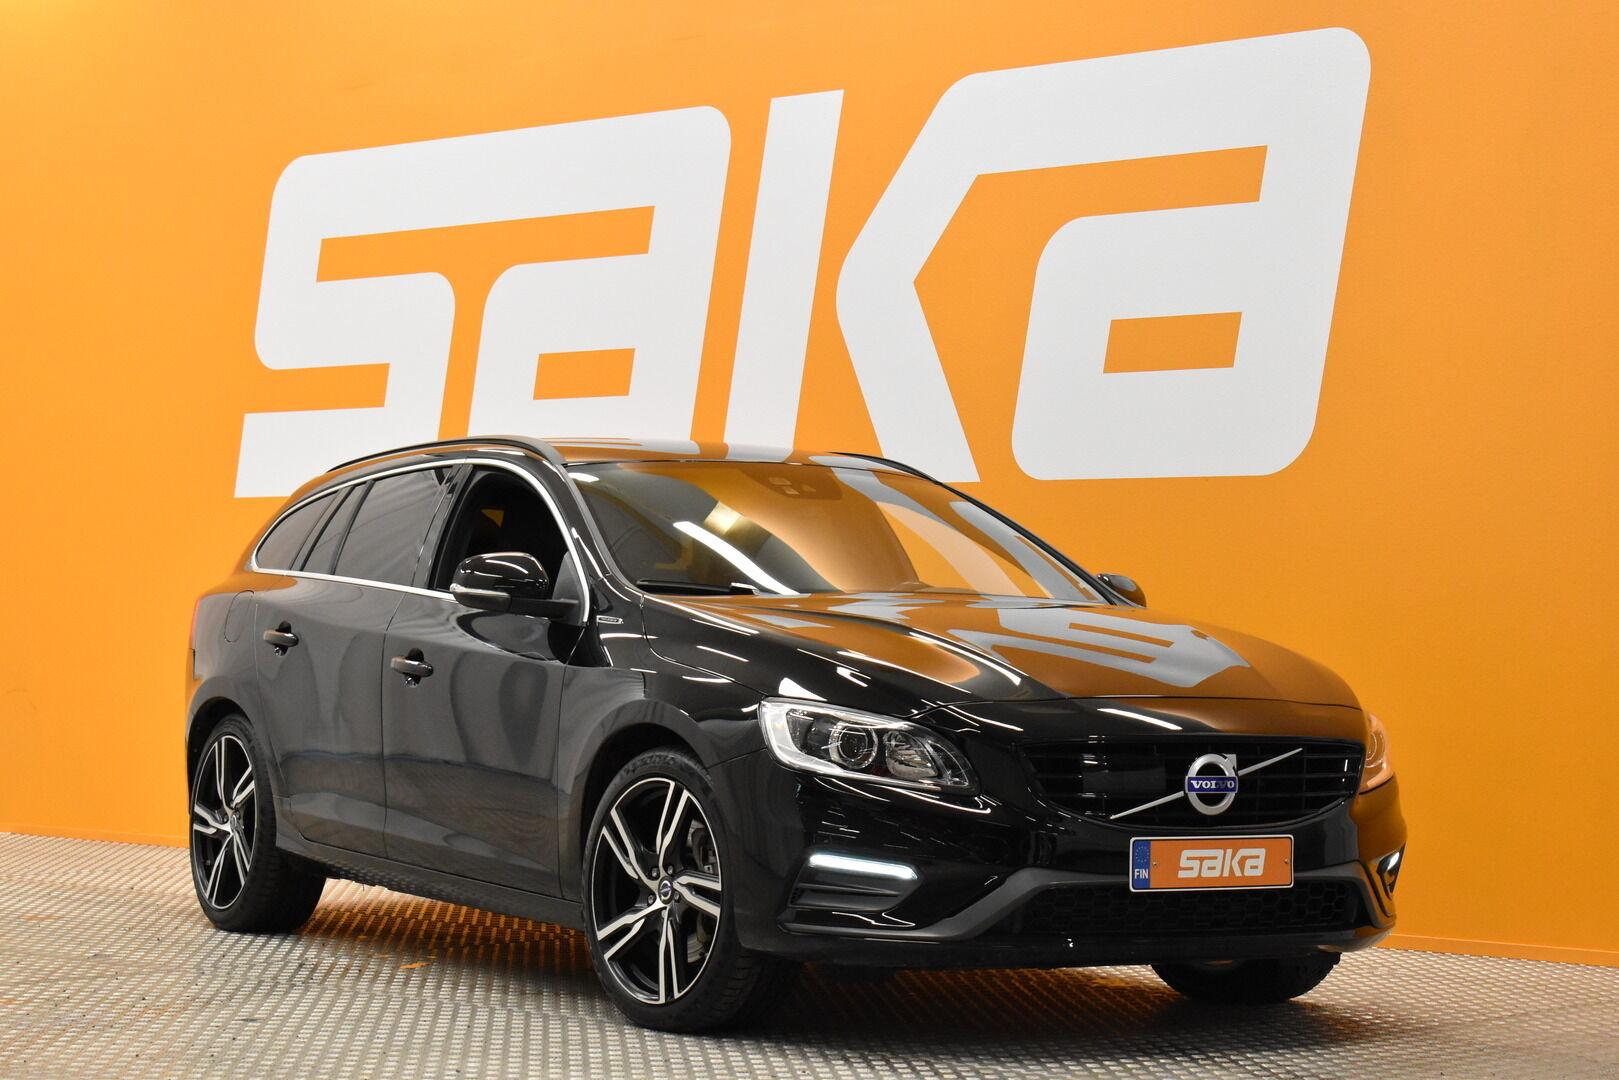 Musta Farmari, Volvo V60 – JÄR-93292, kuva 1